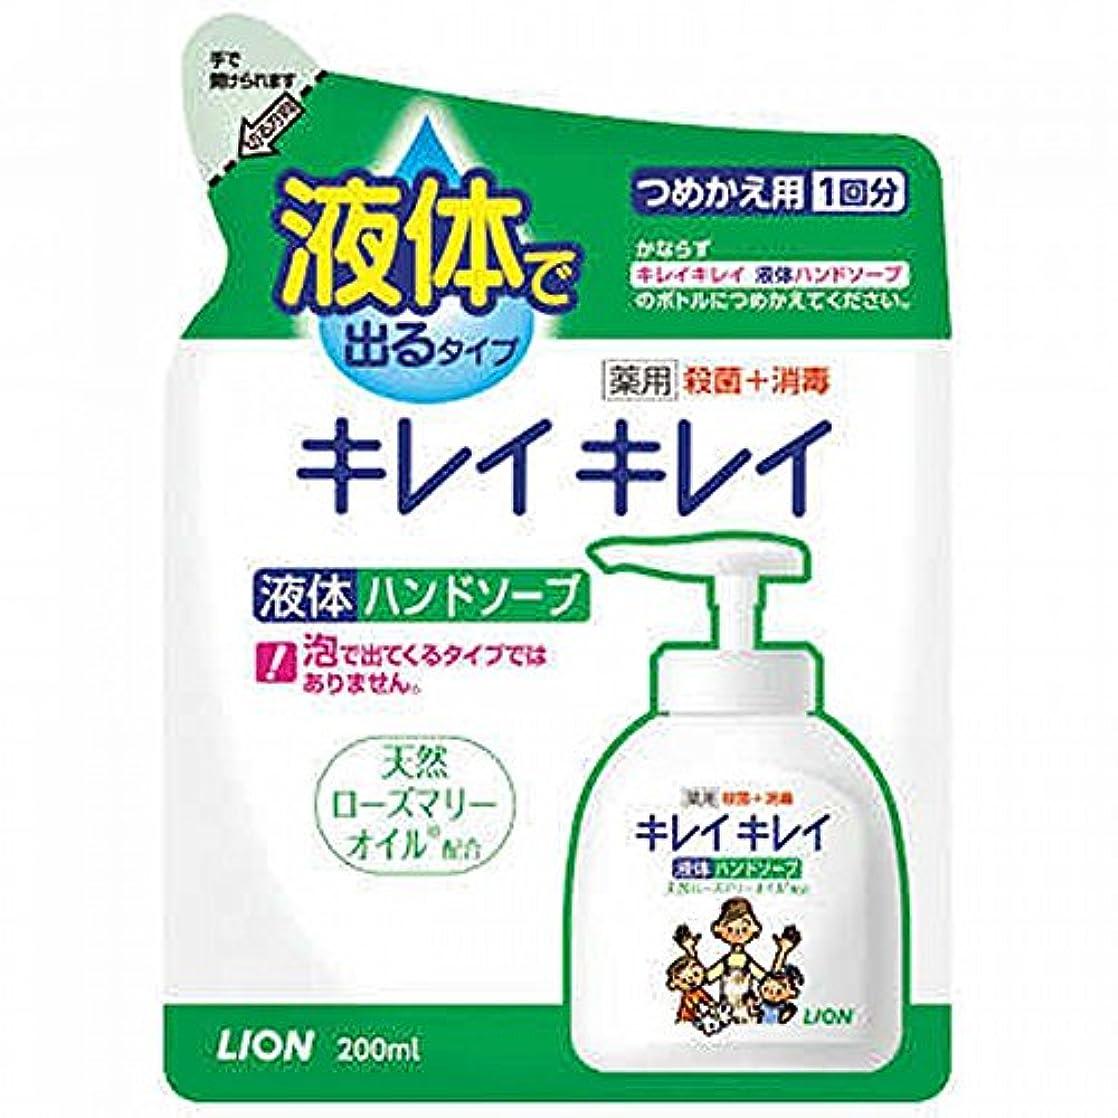 回る擁する狐キレイキレイ 薬用液体ハンドソープ 詰め替え用 200ml×3セット